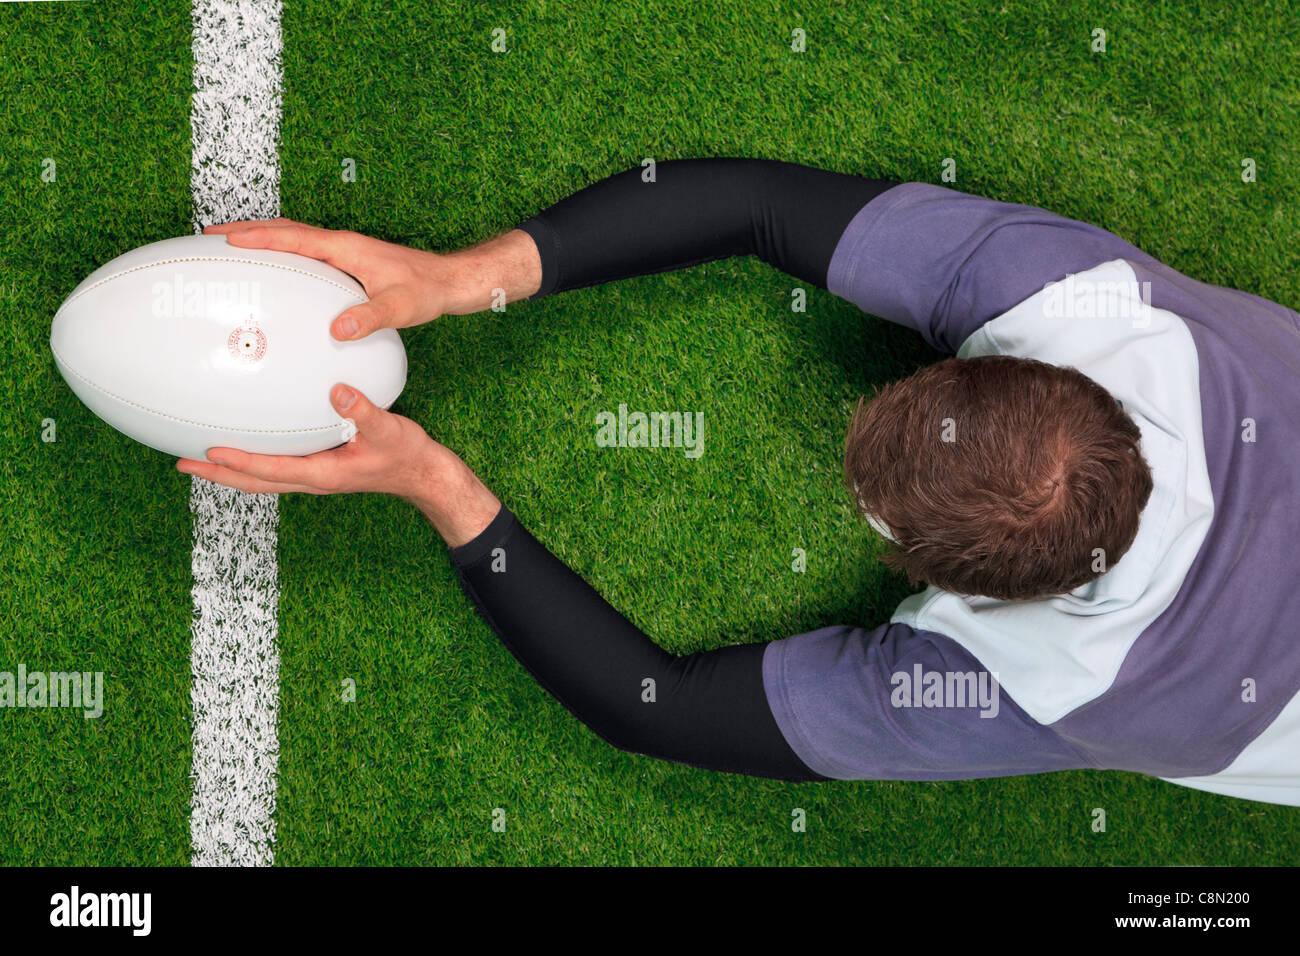 Fotografía aérea de un jugador de rugby a través de la línea de buceo para anotar un try con Imagen De Stock